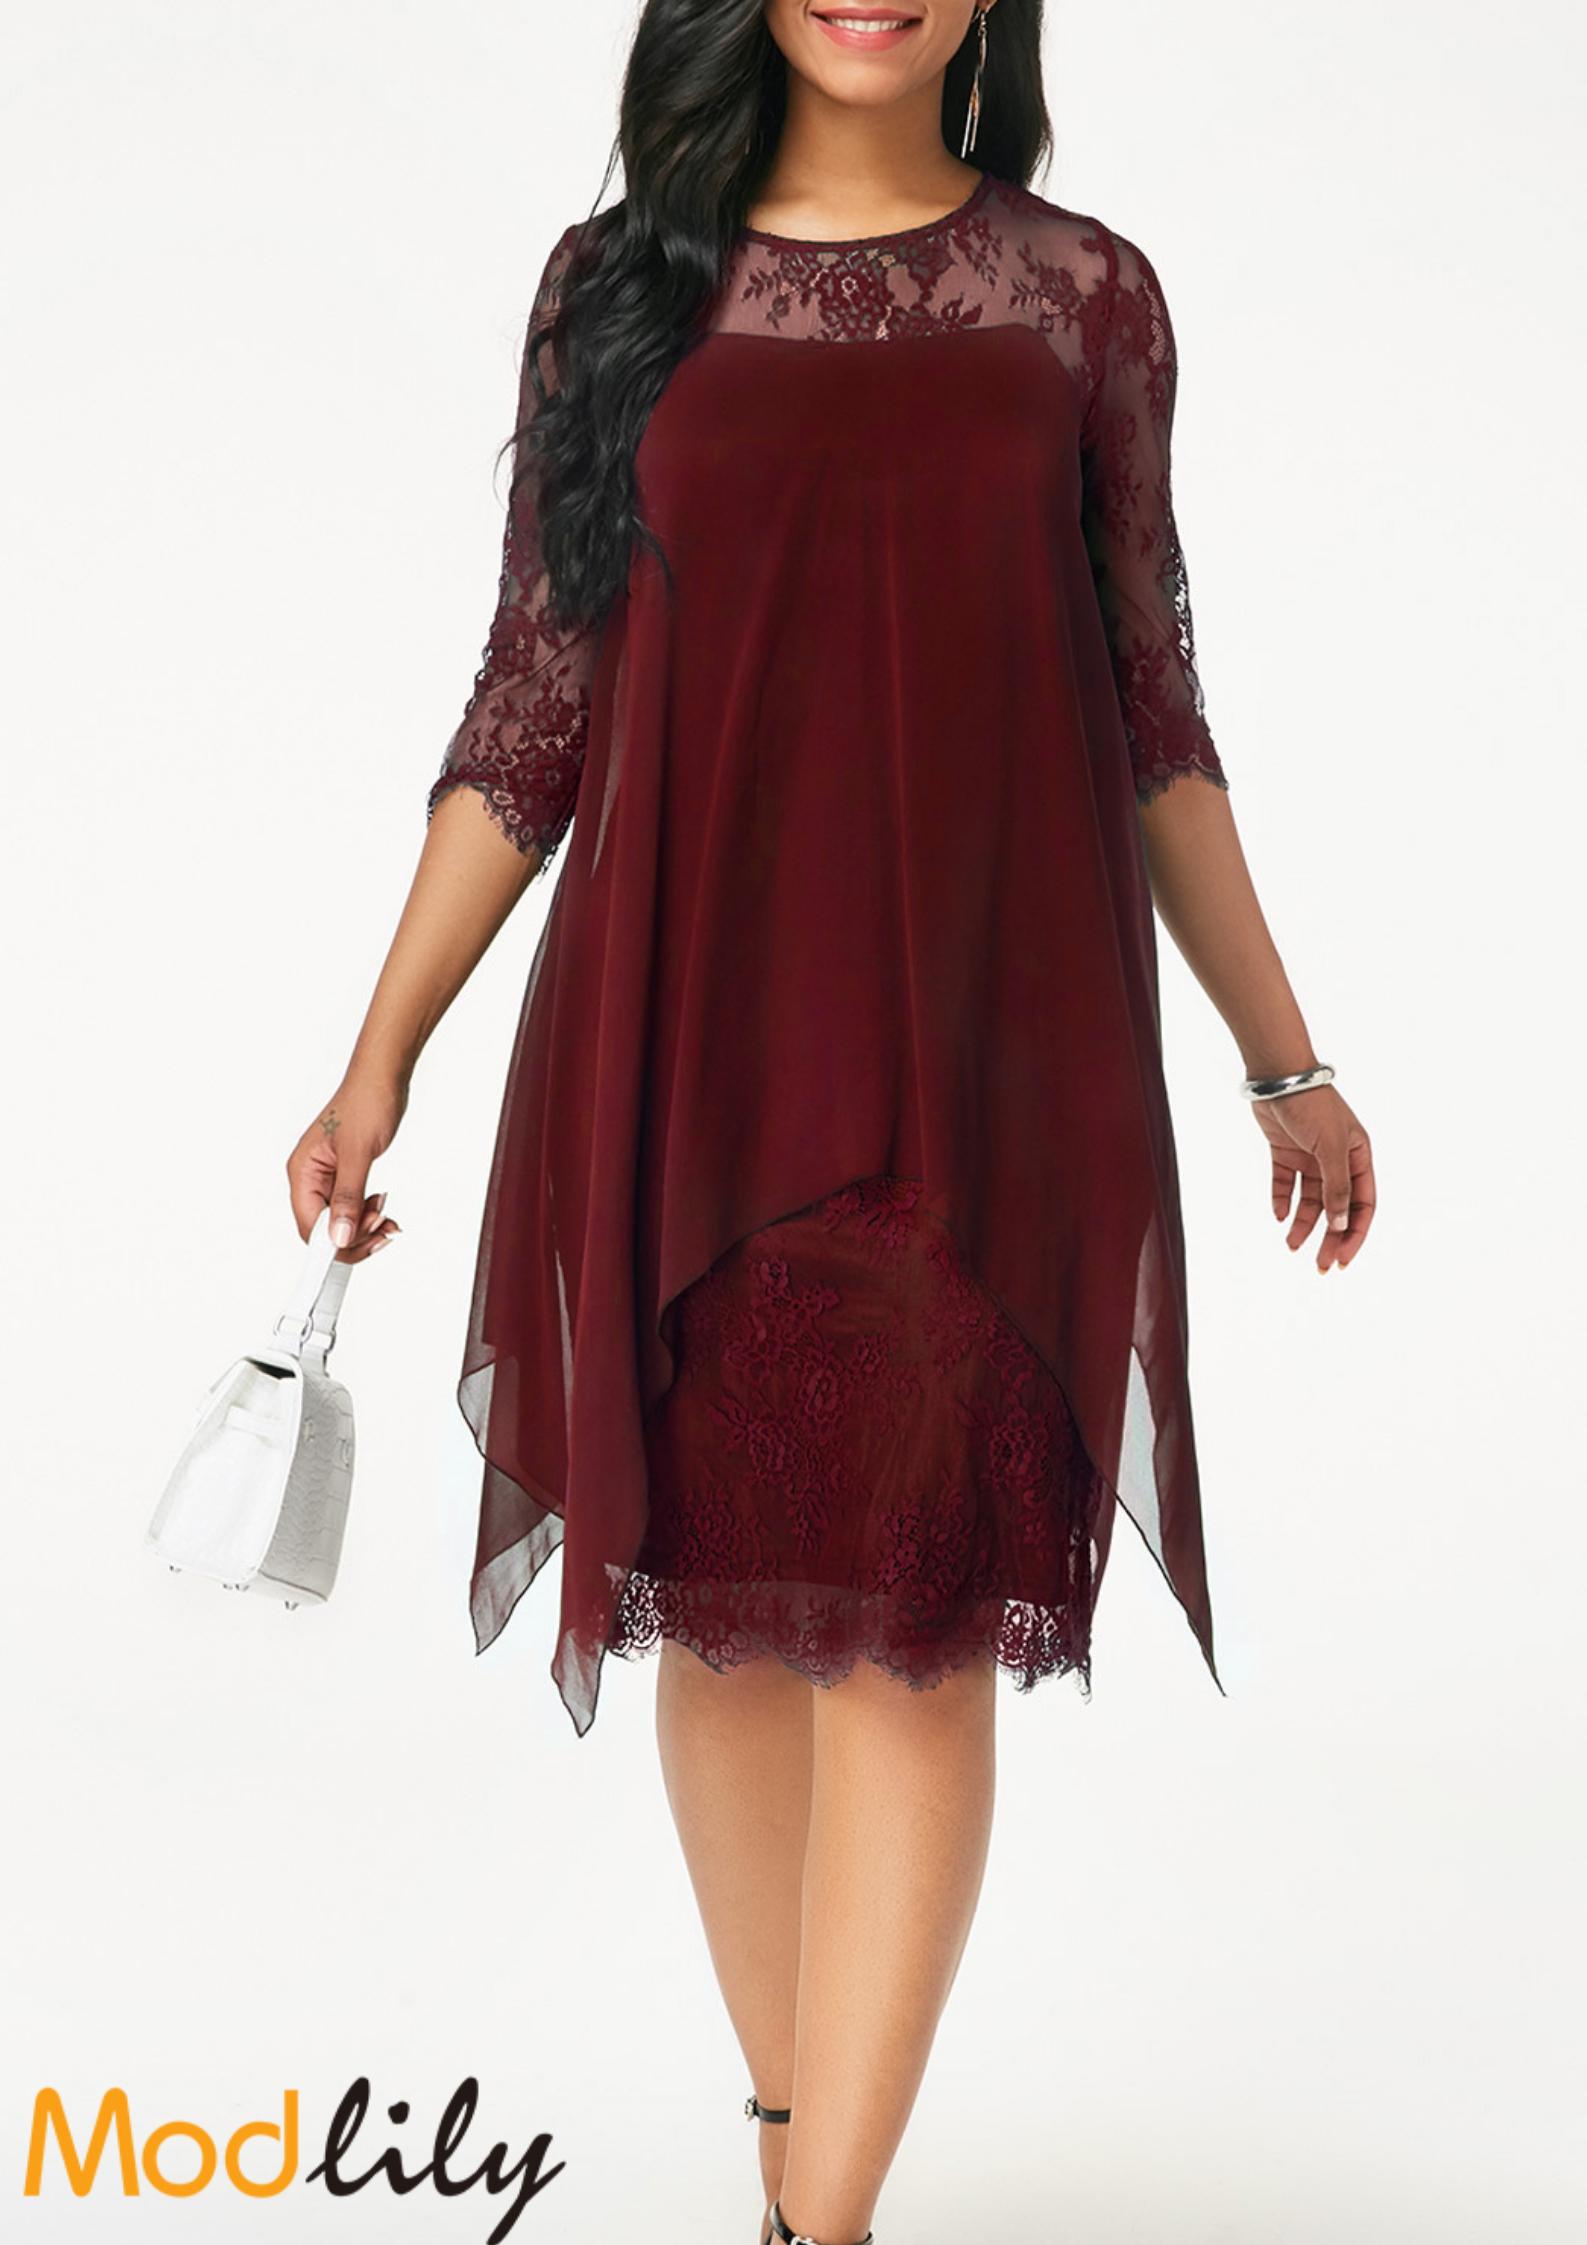 f27994e01b Round Neck Chiffon Overlay Lace Dress On Sale At Modlily. Free shipping.